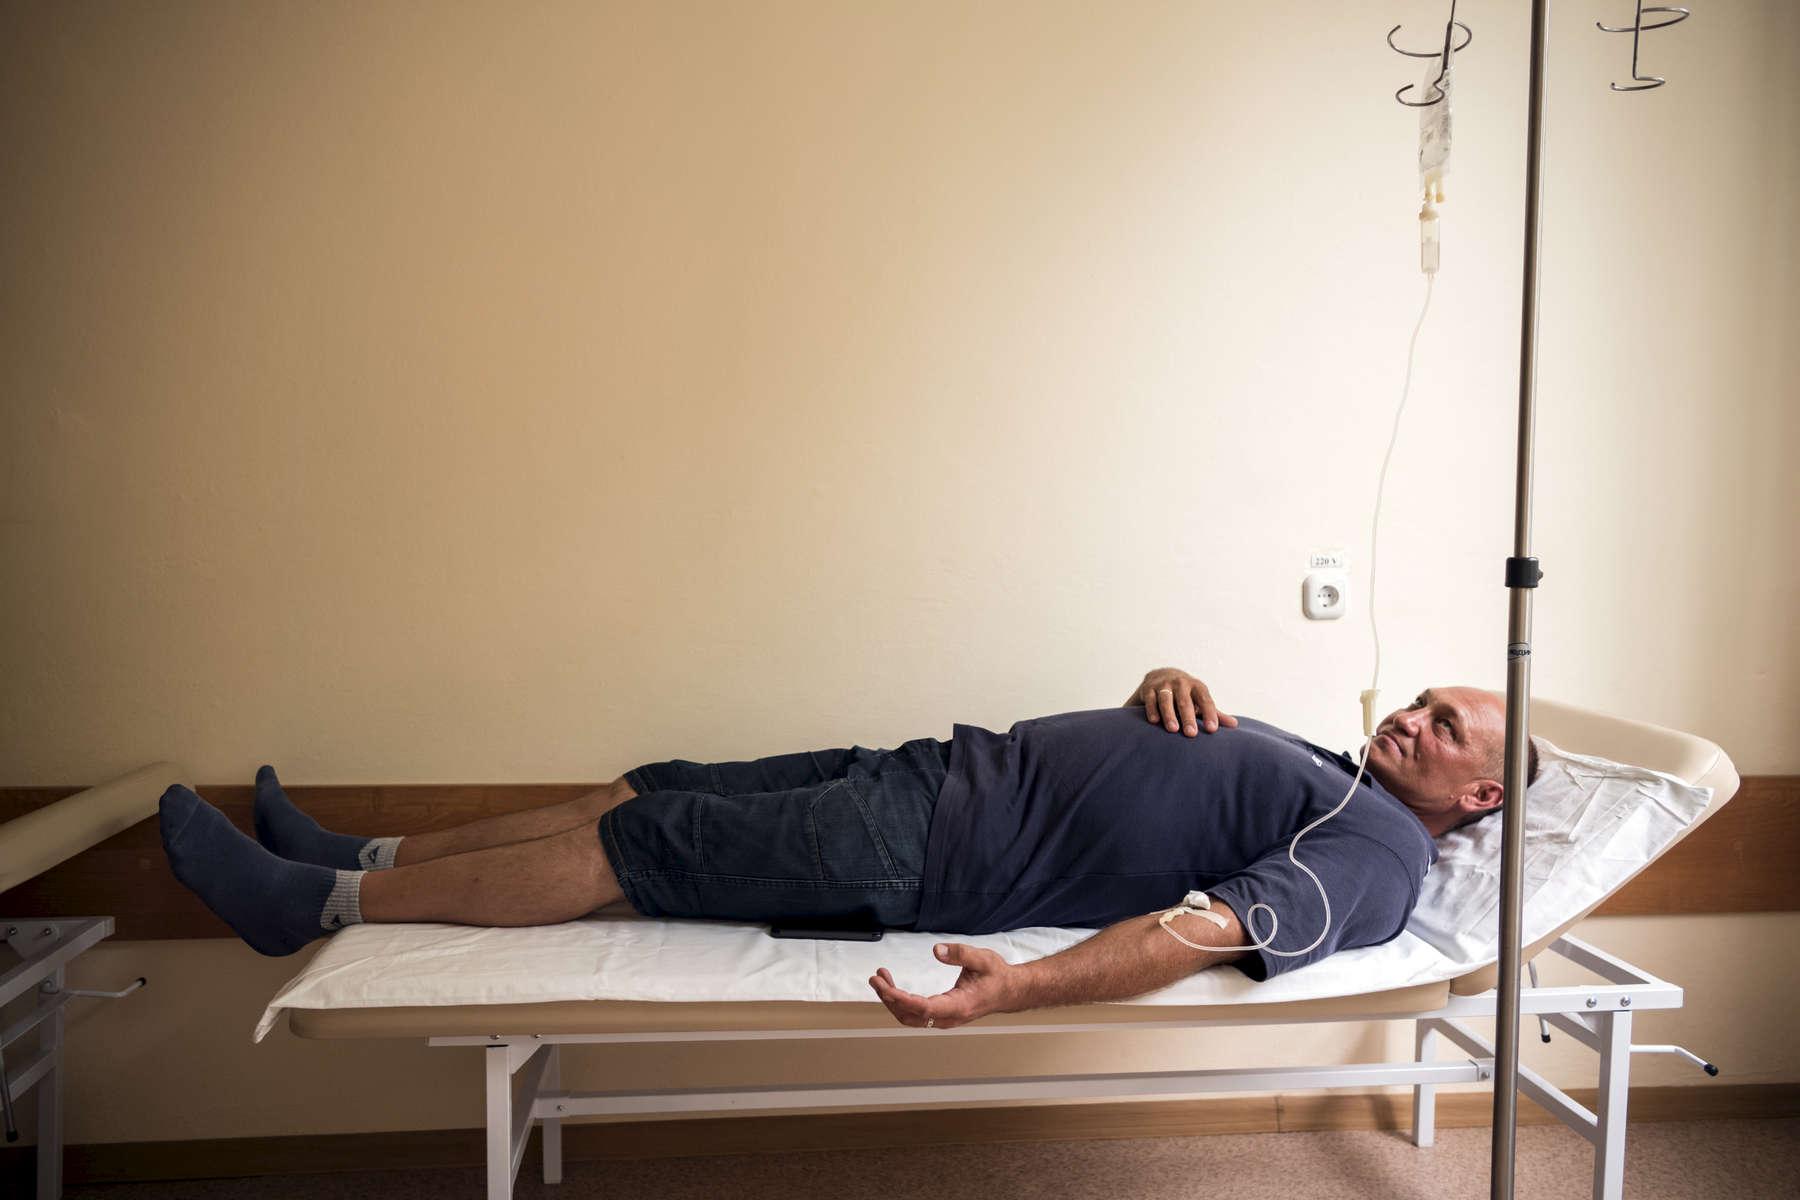 Oleg se rend deux fois par jours dans un dispensaire pour prendre son traitement qu'il va terminer en fin d'année. Il est un migrant Ukrainien, il n'a pas encore la citoyenneté Biélorusse. Minsk, Biélorussie, 2018.